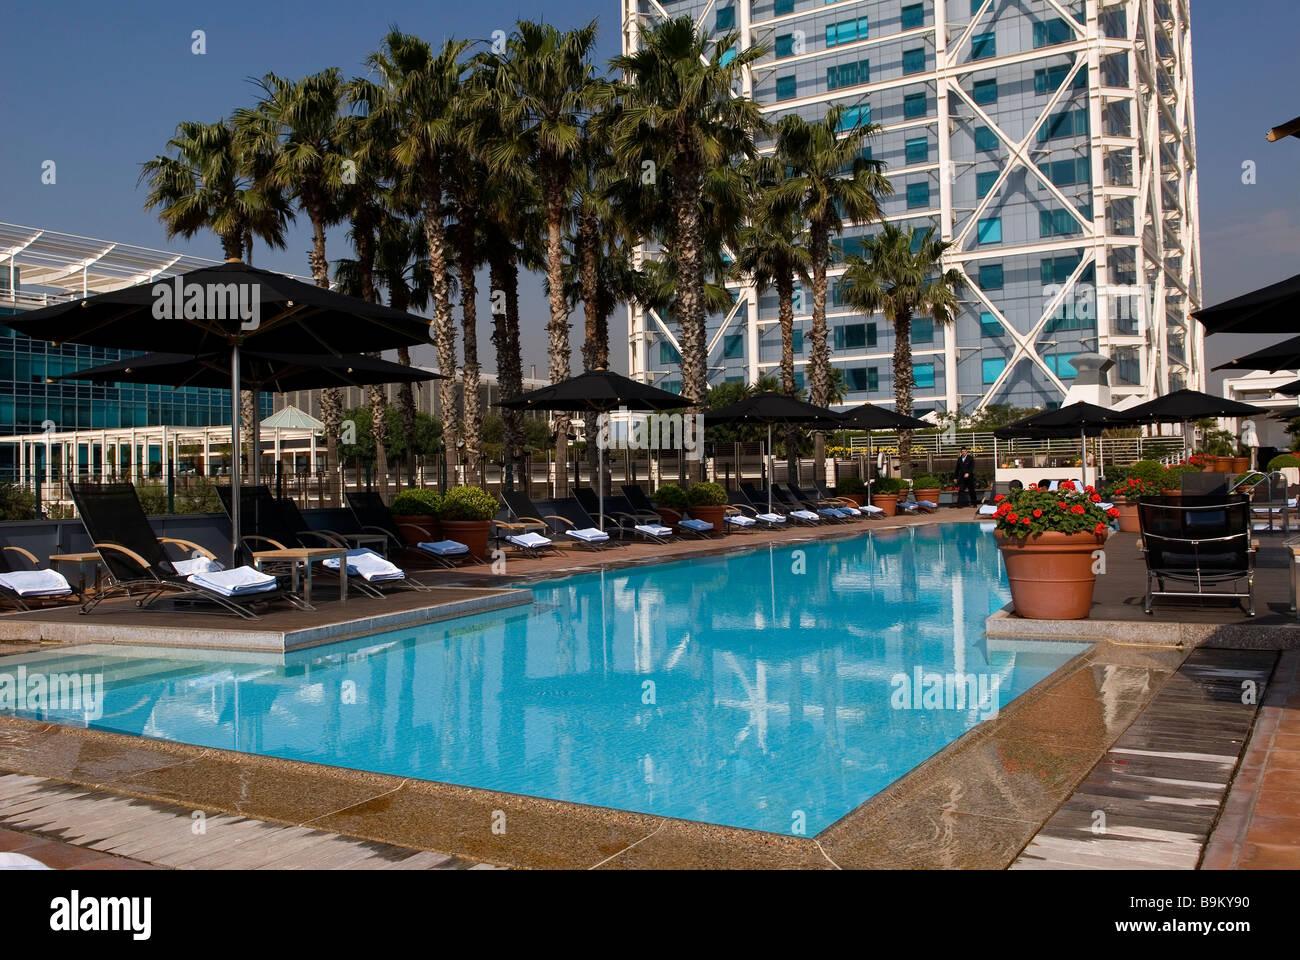 Spain Catalonia Barcelona Hotel Arts 39 S Swimming Pool Near The Stock Photo Royalty Free